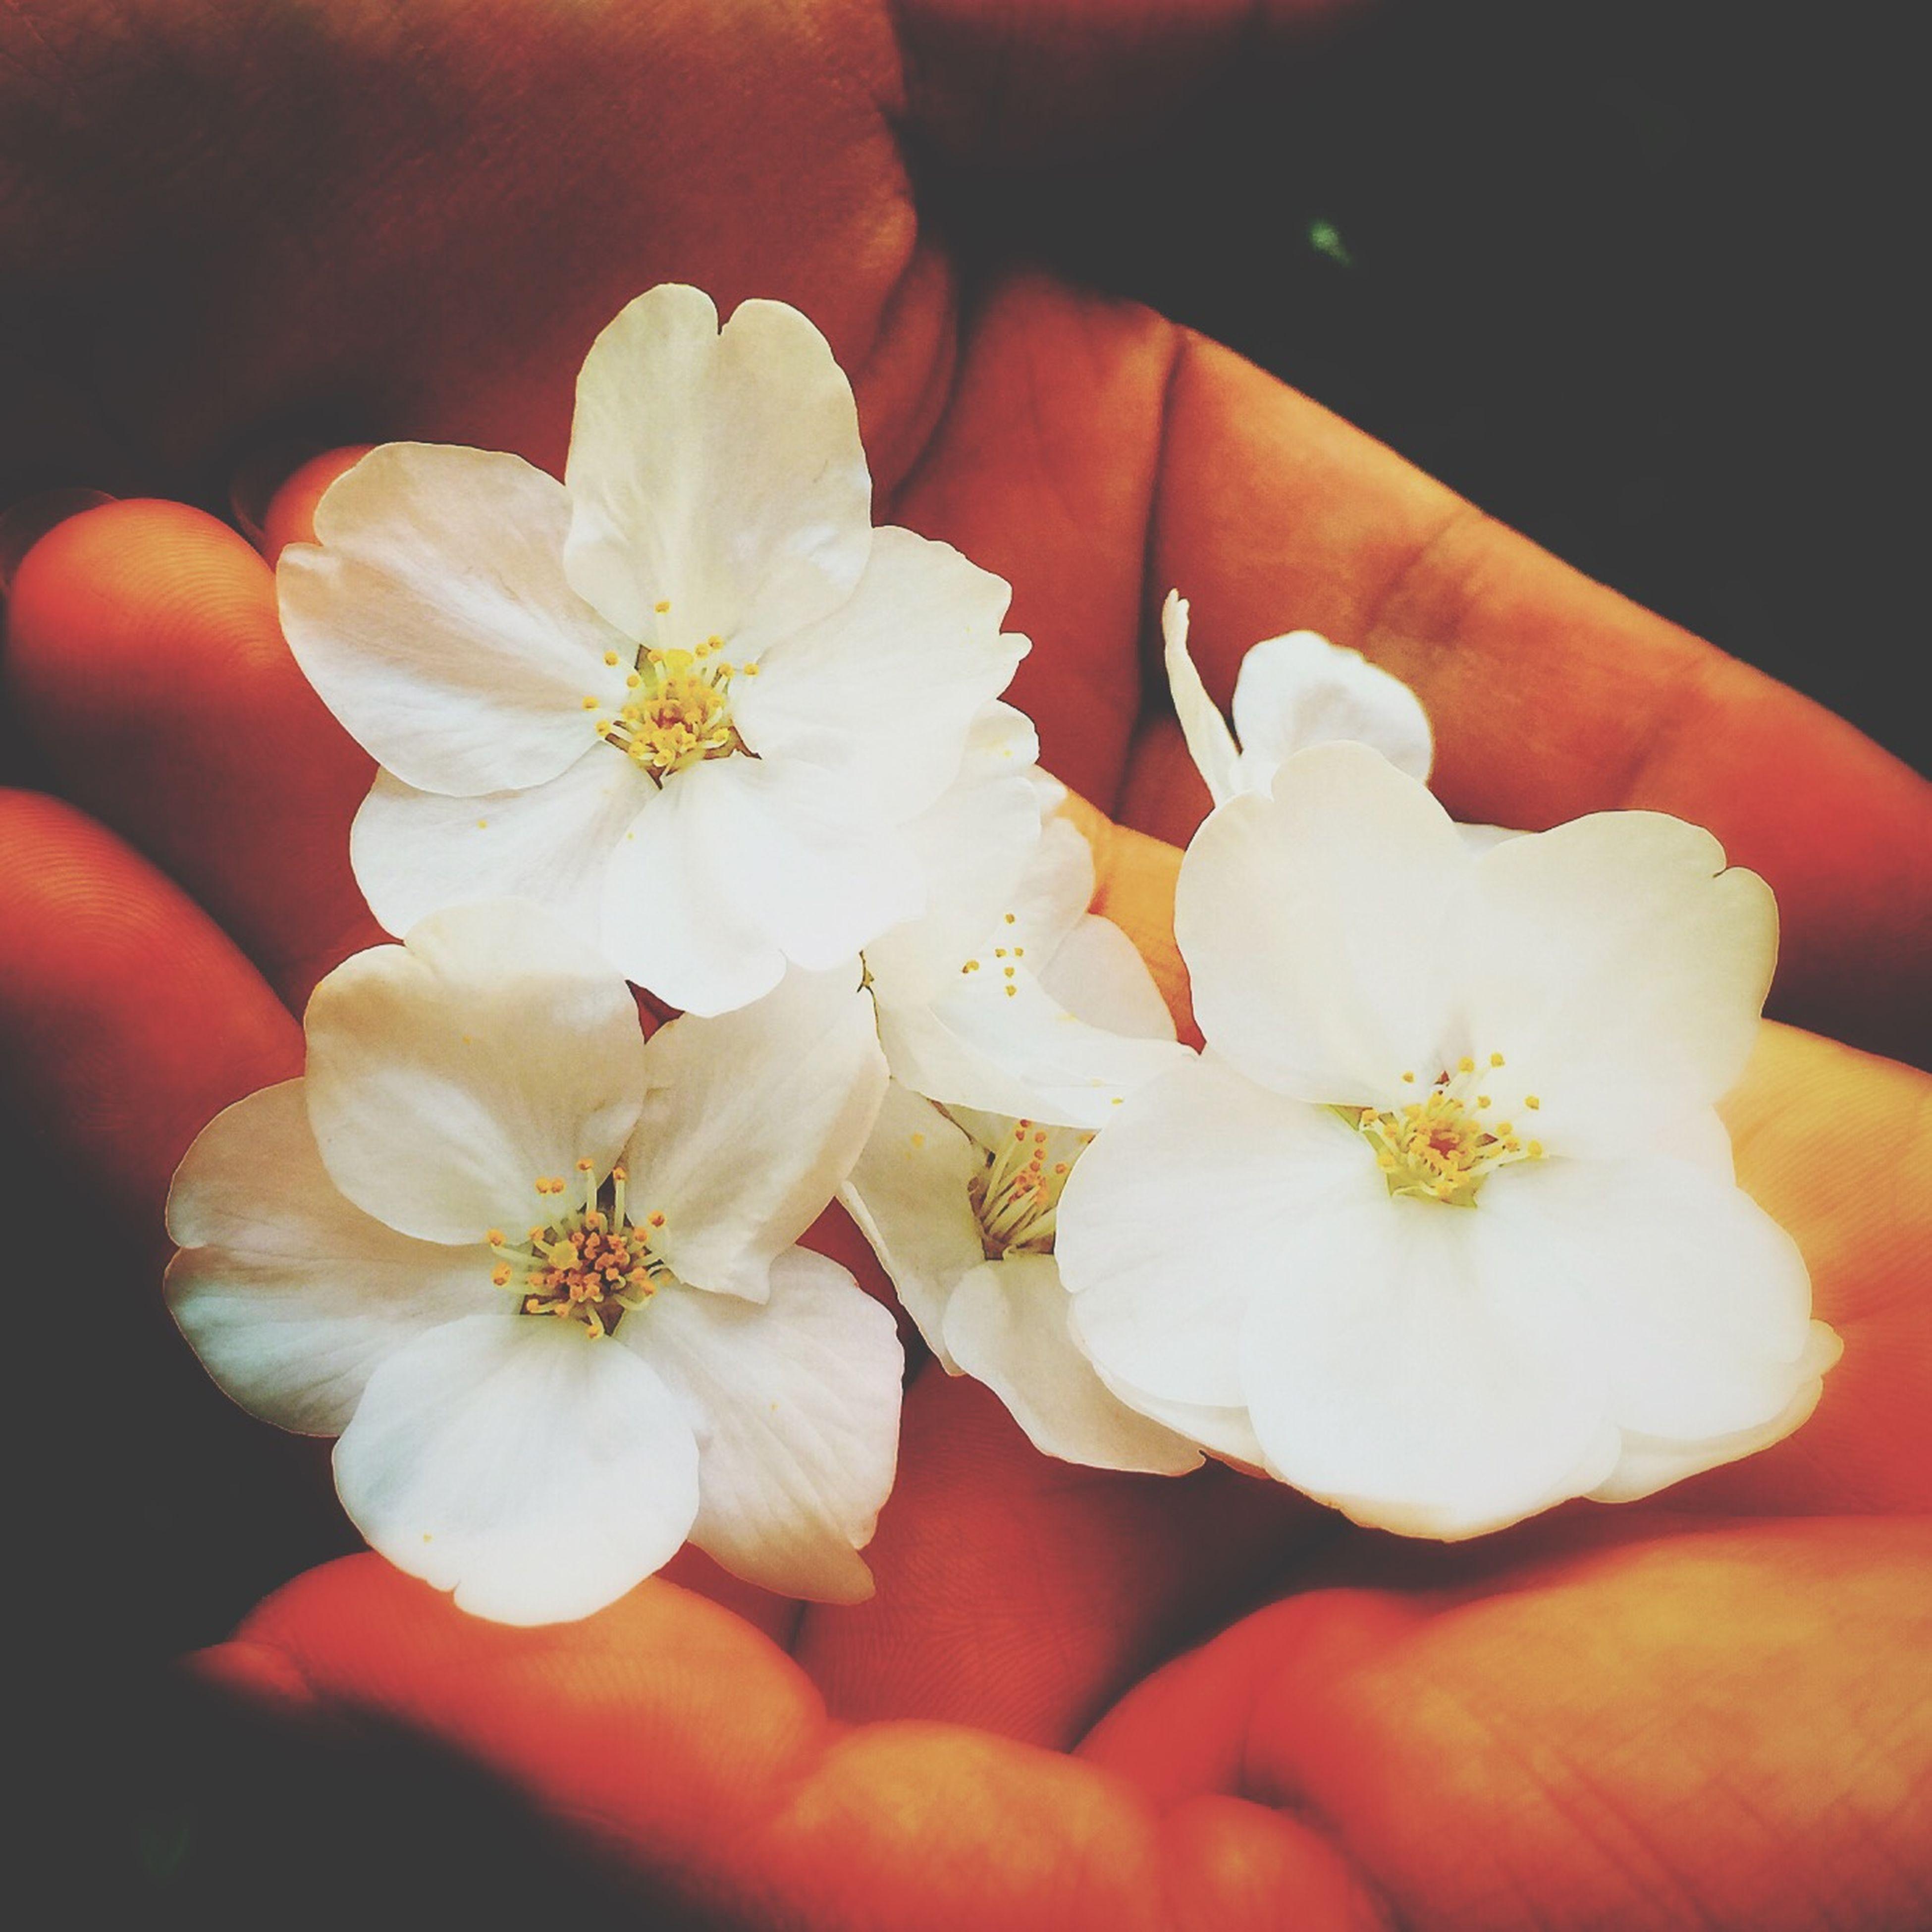 降誕会 釈尊生誕の日 降誕会 花祭り Sakura2015 Sakura Cherry Blossoms Hand EyeEm Nature Lover Beautiful Day Spring Flowers 桜